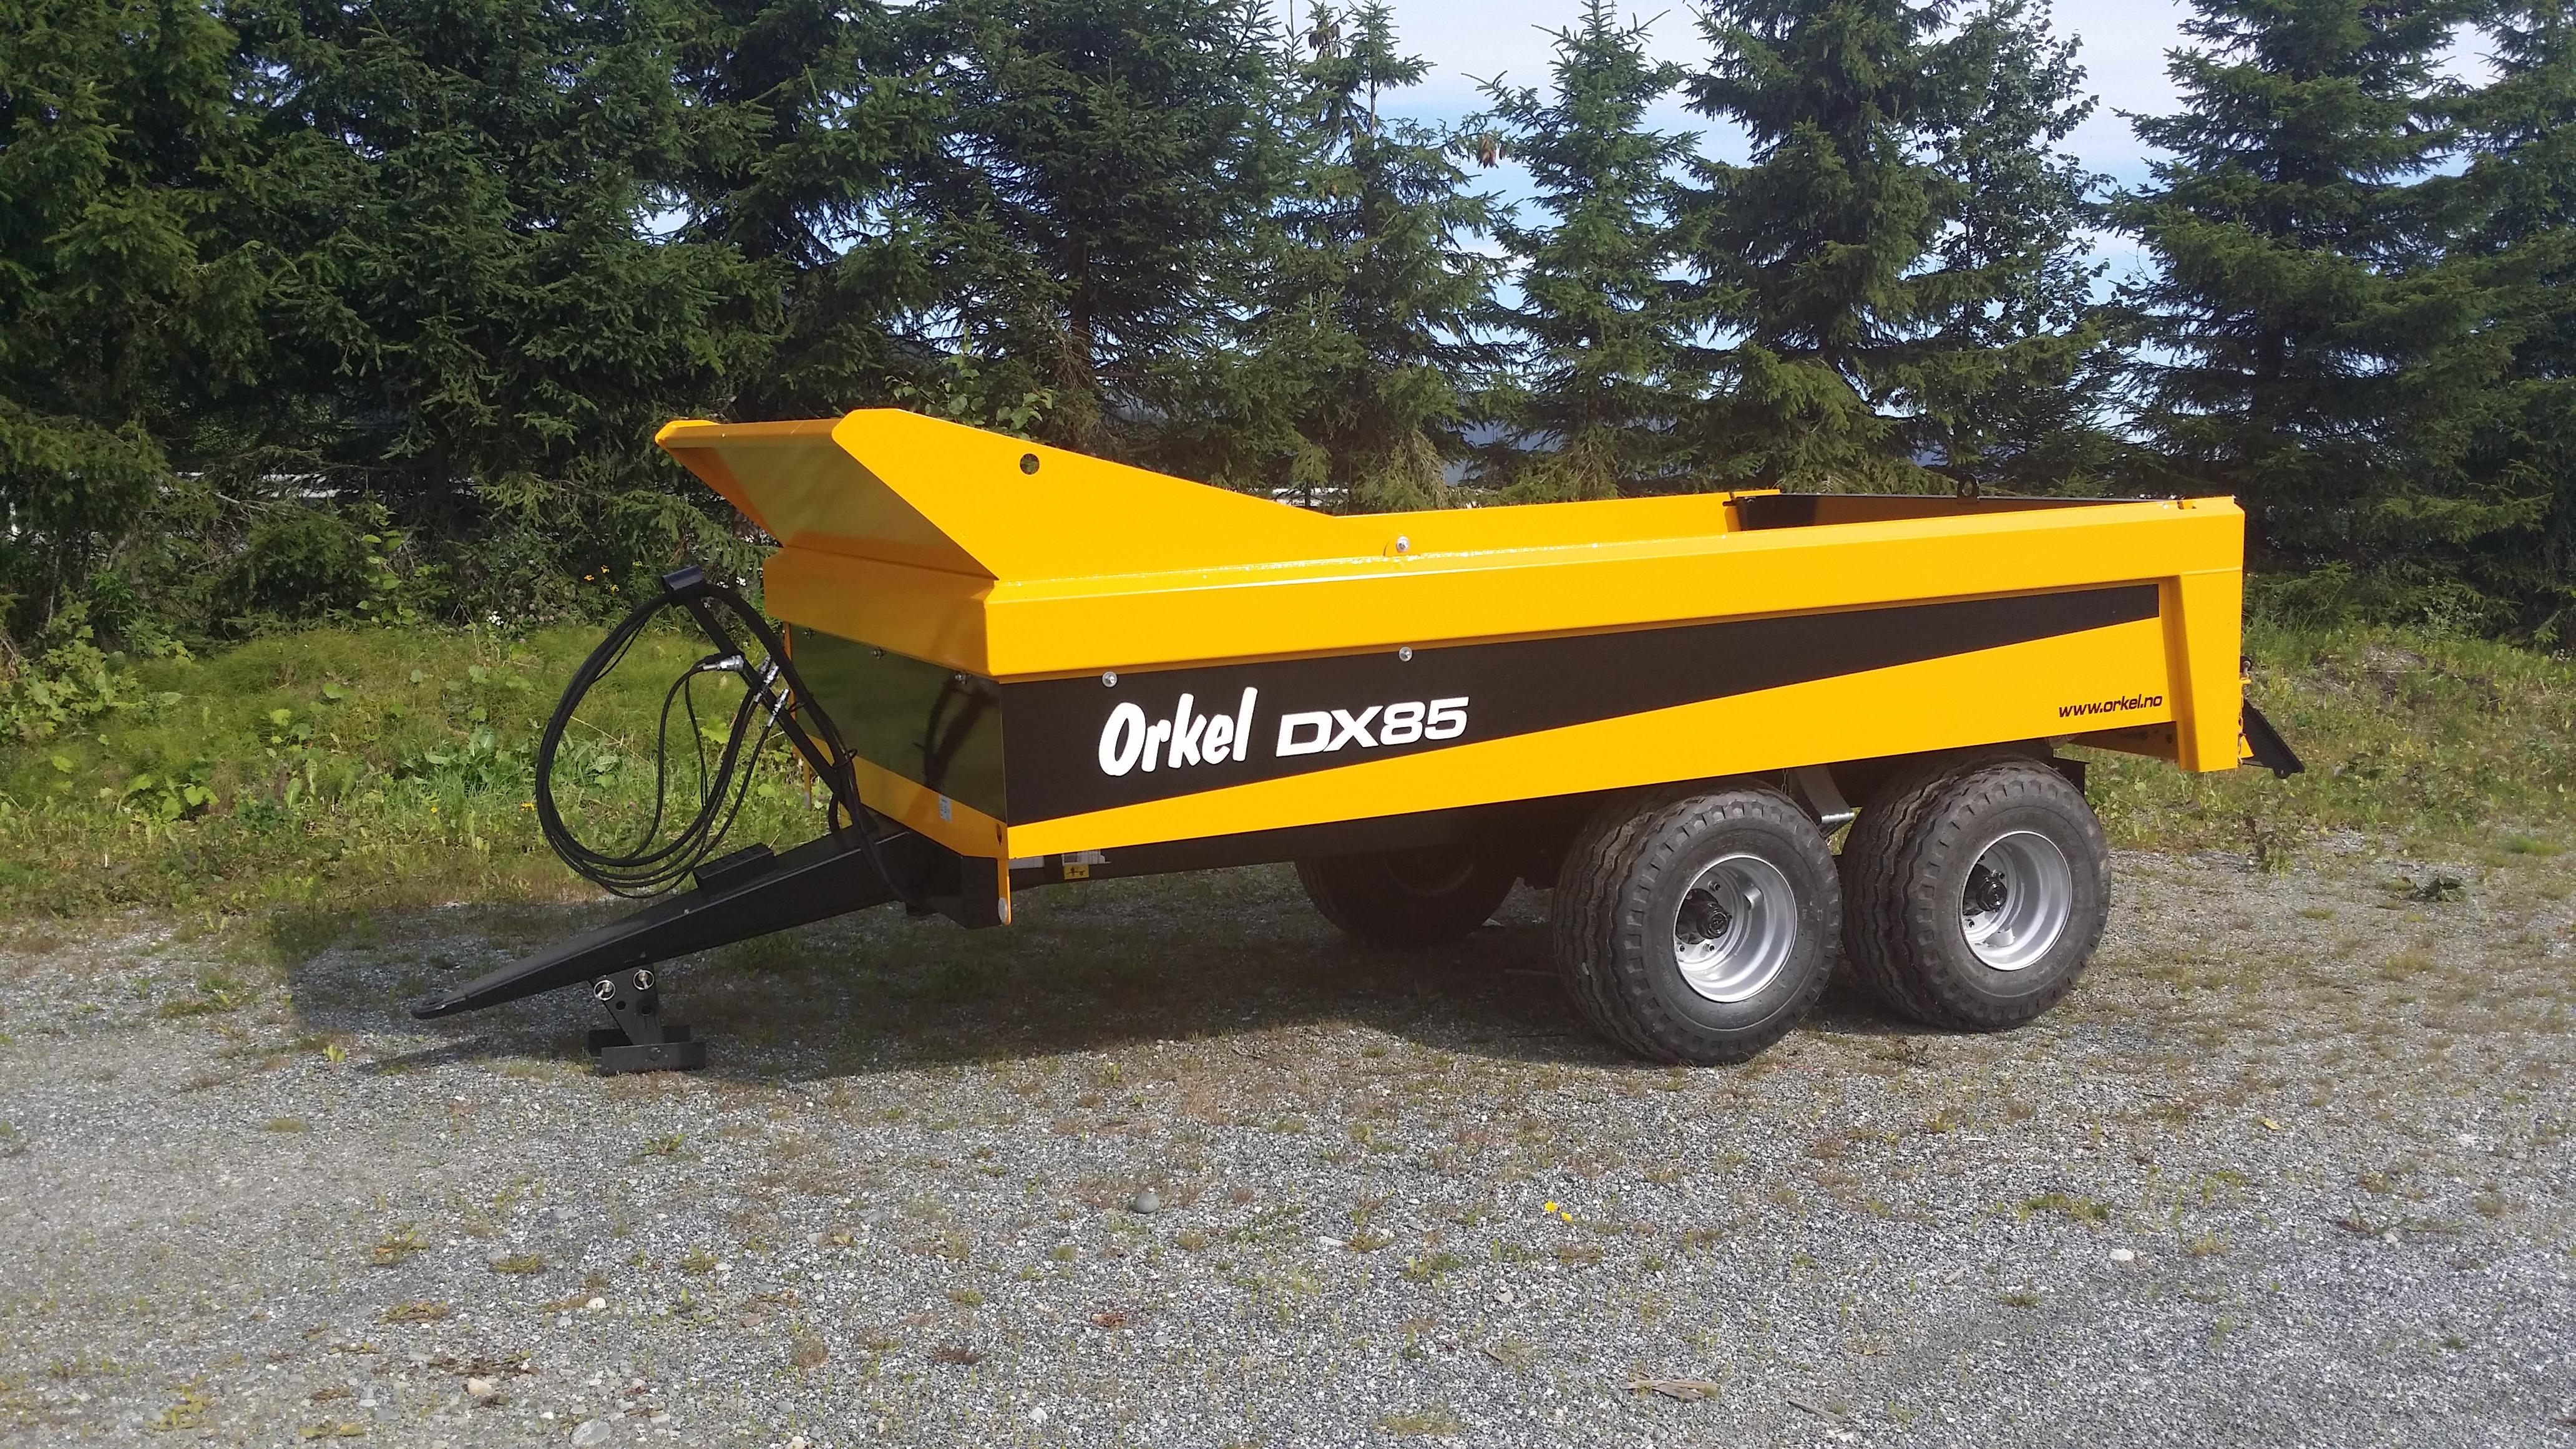 Orkel - DX 85 Image